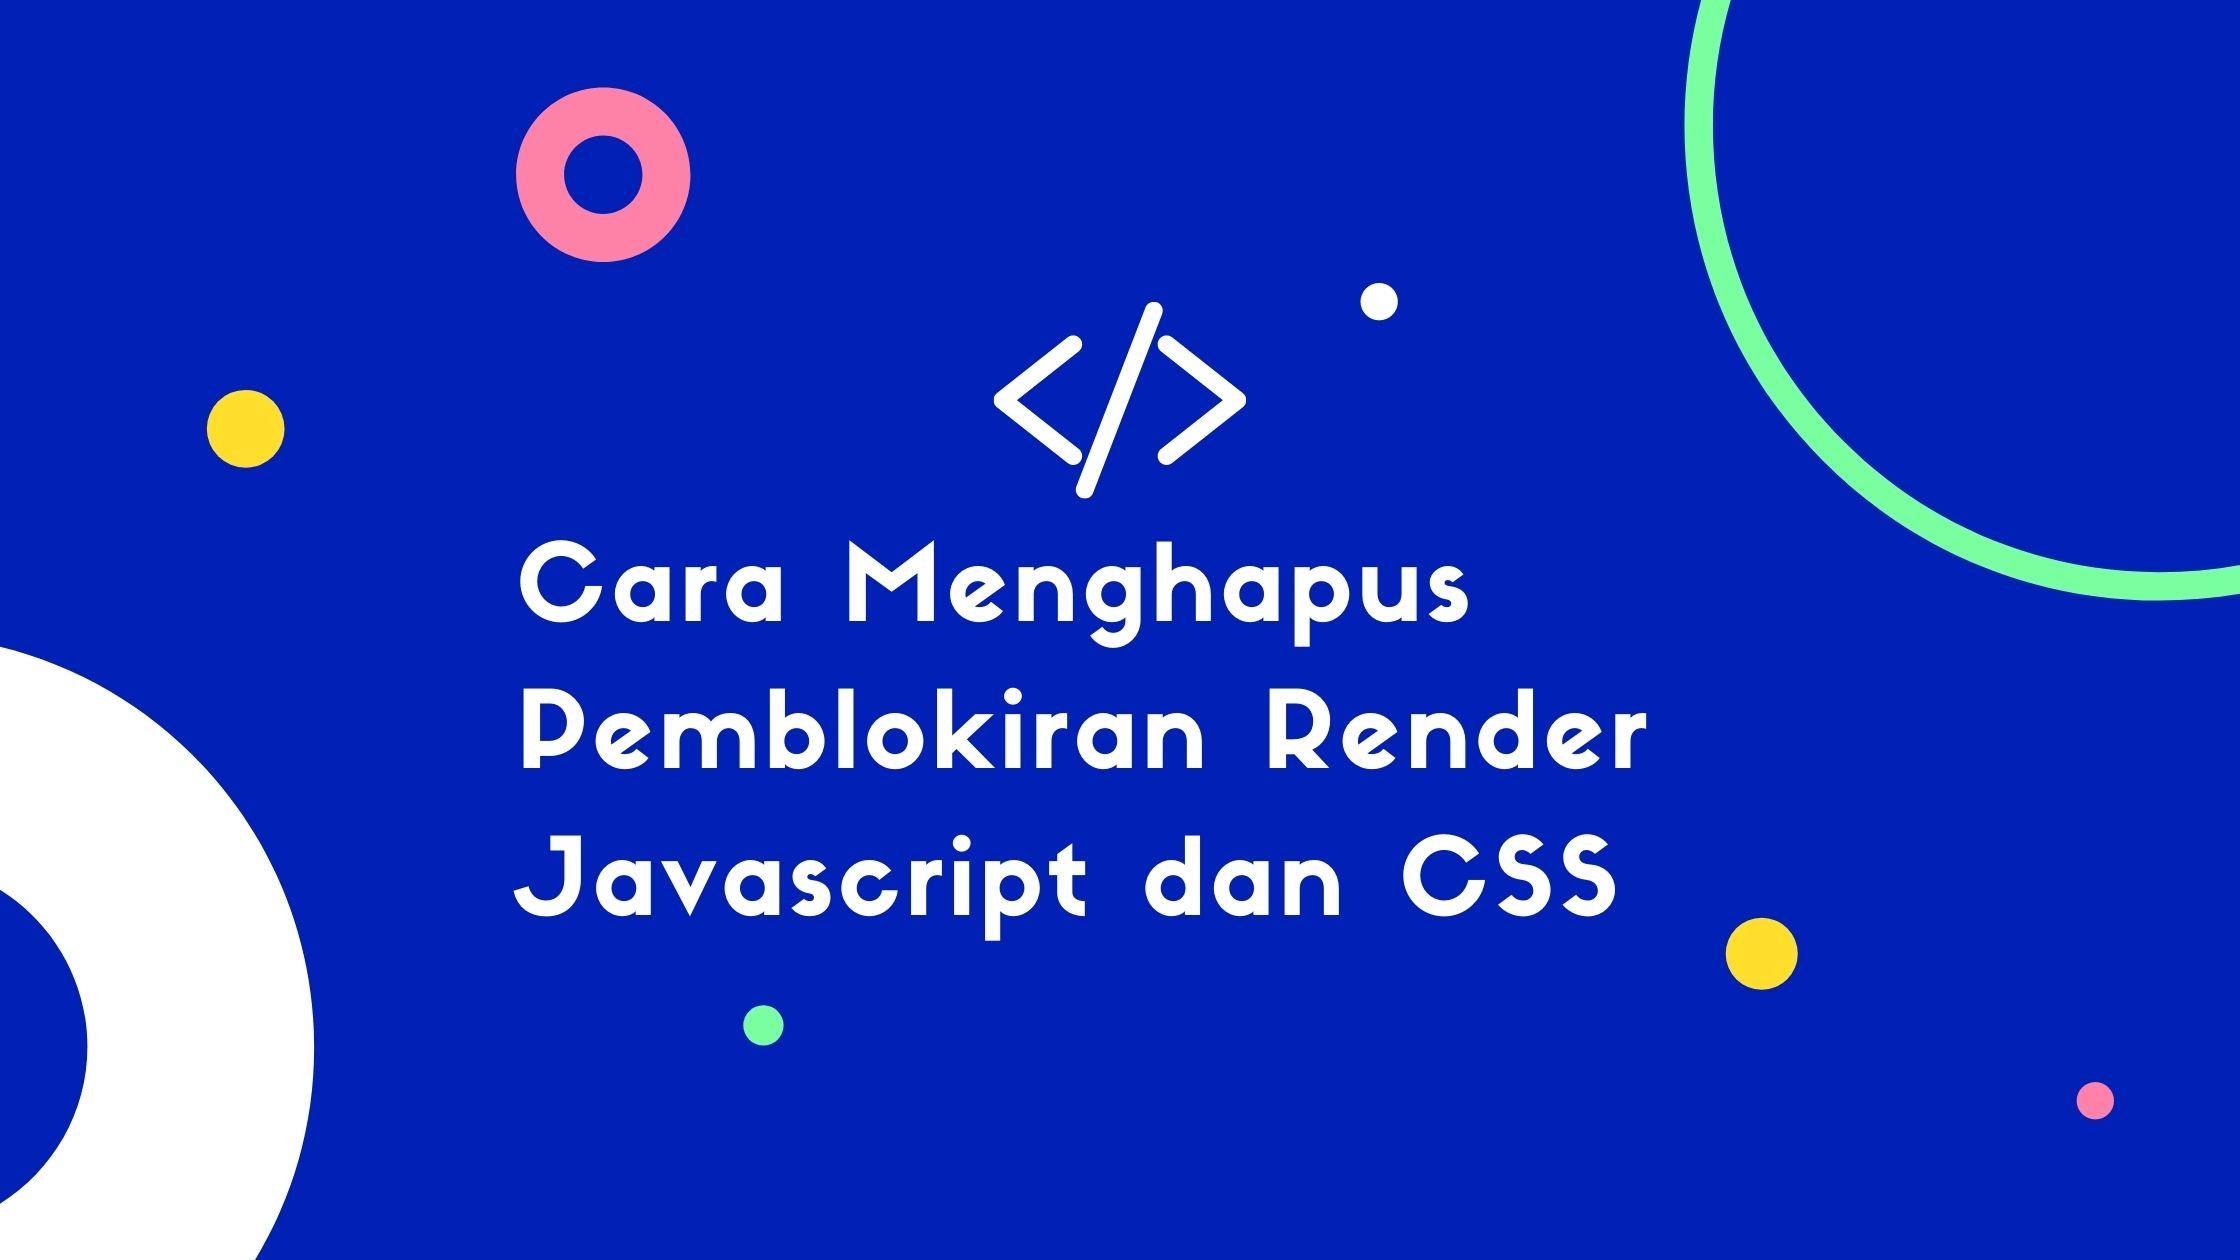 Cara Menghapus Pemblokiran Render Javascript dan CSS di WordPress